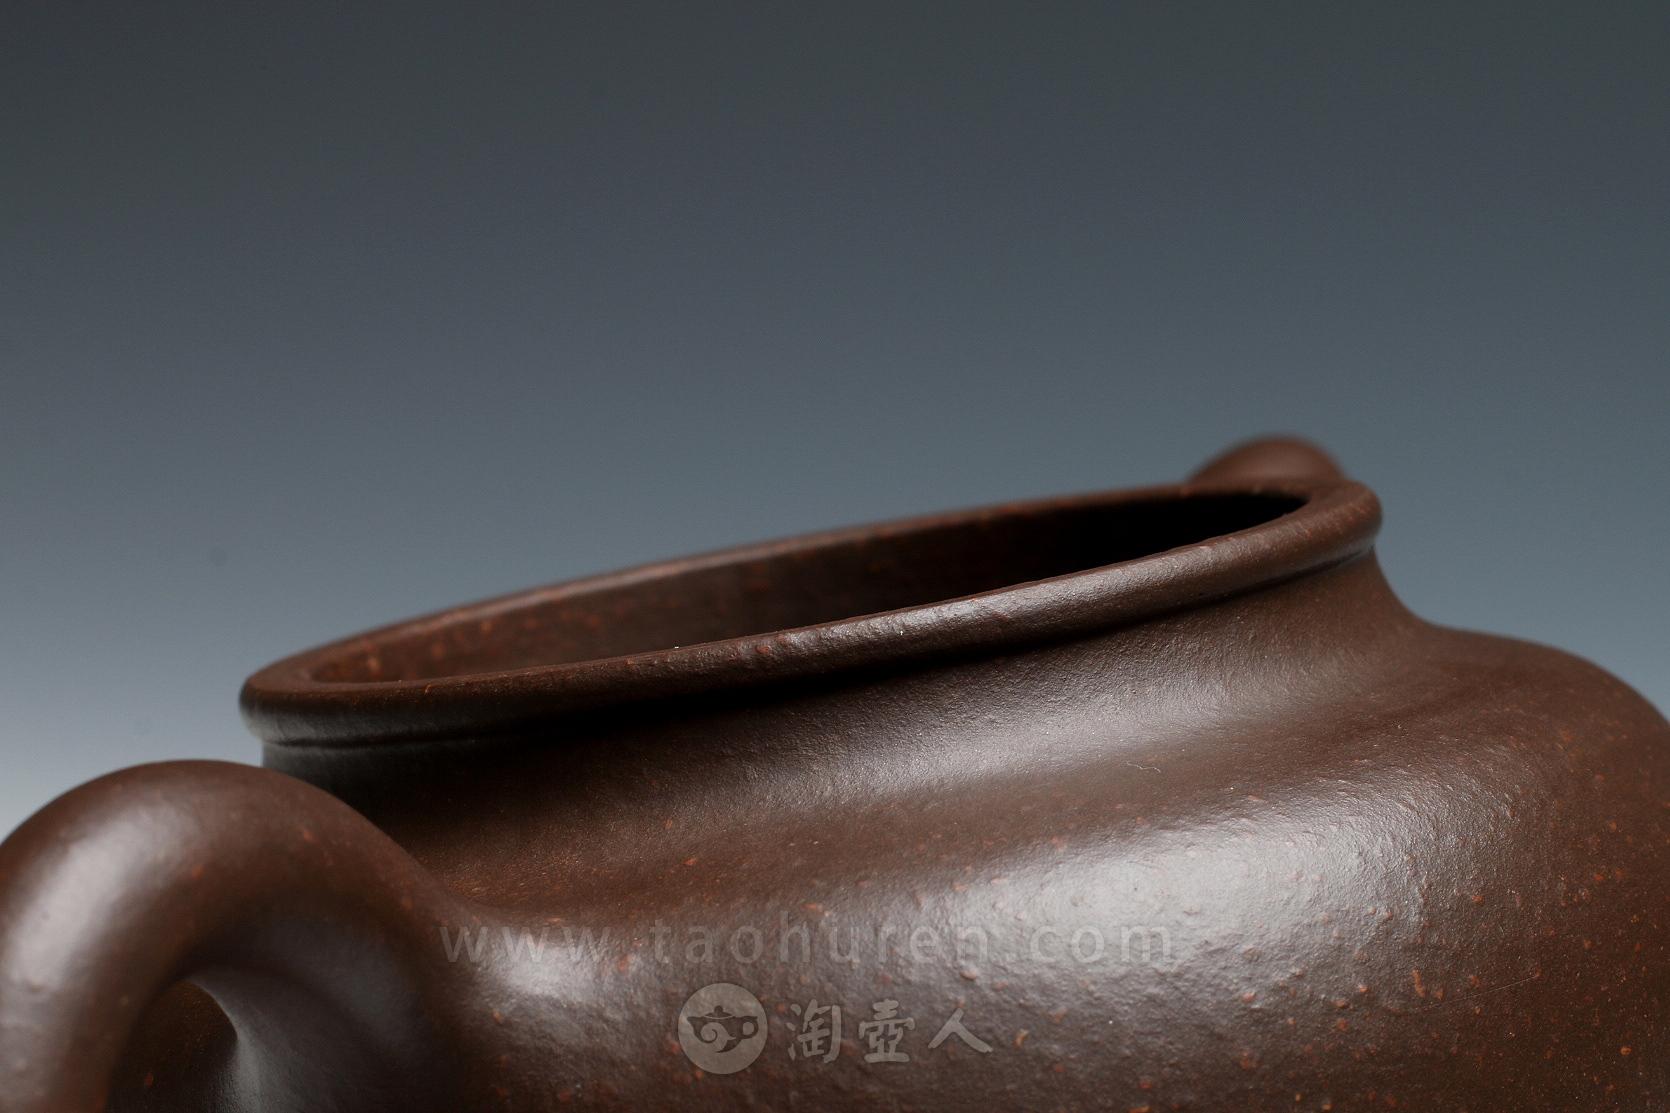 正宗原矿宜兴紫砂壶-掇只壶-李寒勇全手工制作-原矿一厂老紫紫砂泥料